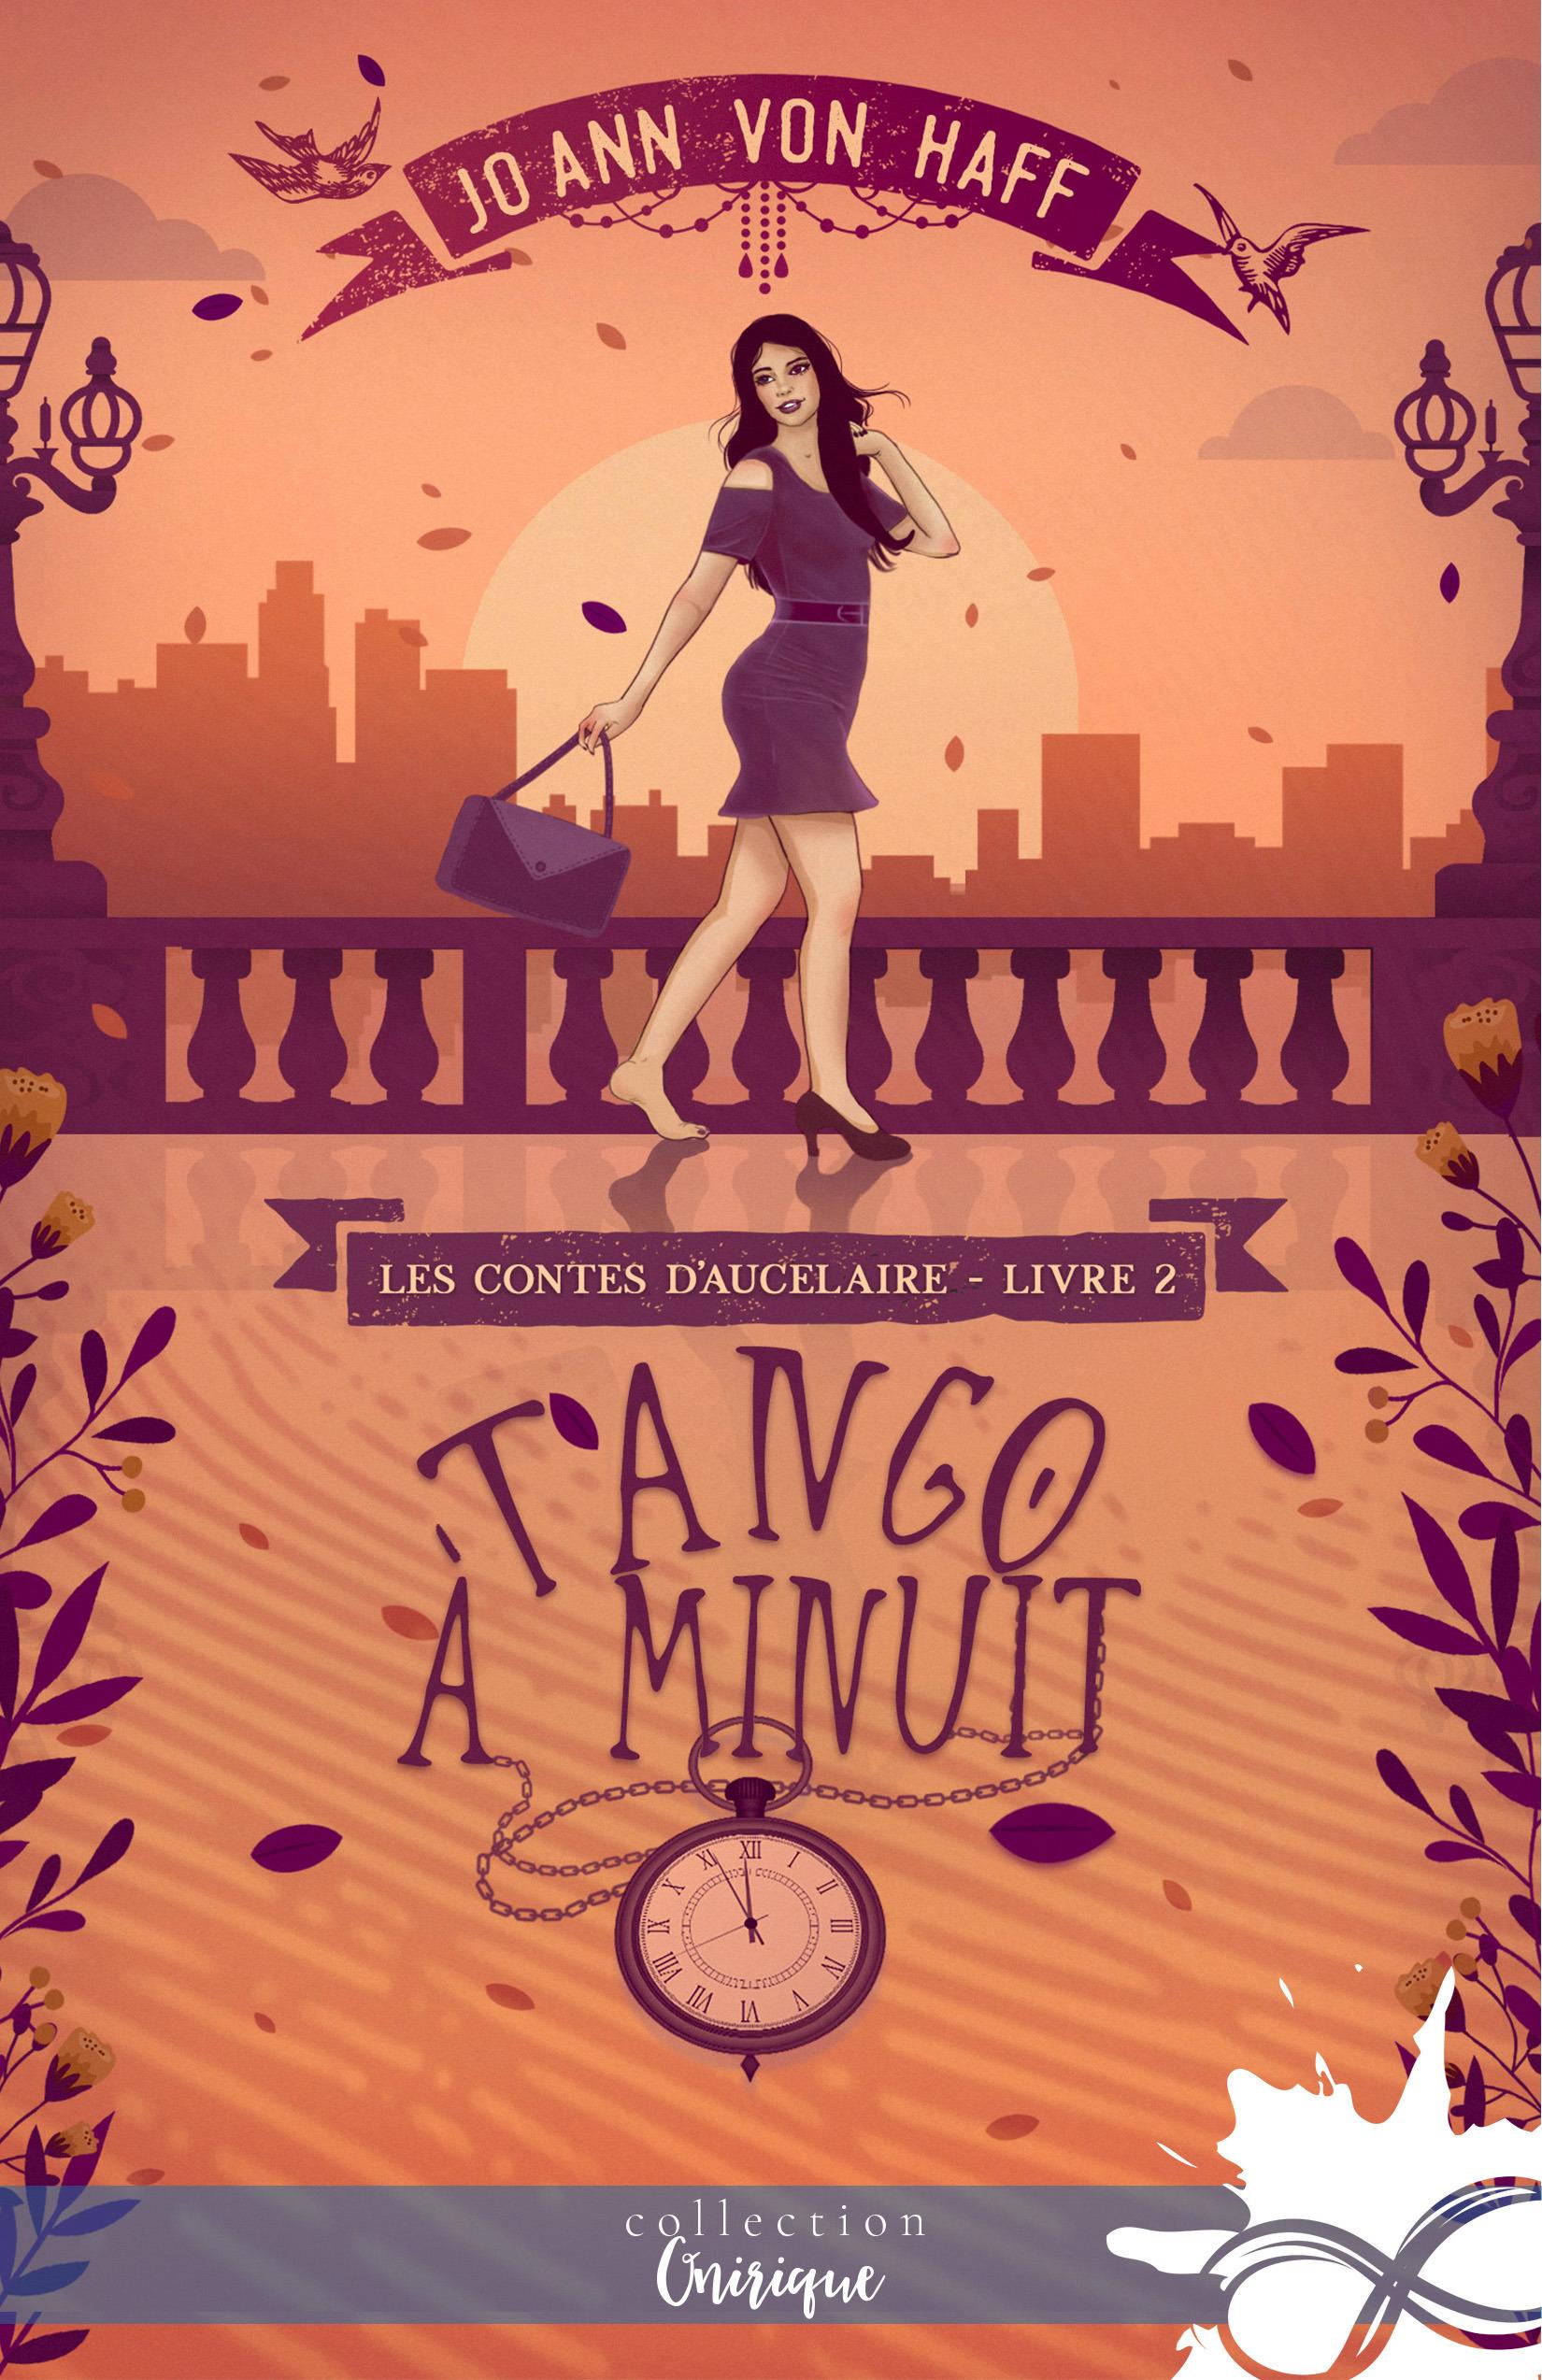 Les contes d'Aucelaire t.2 ; tango à minuit